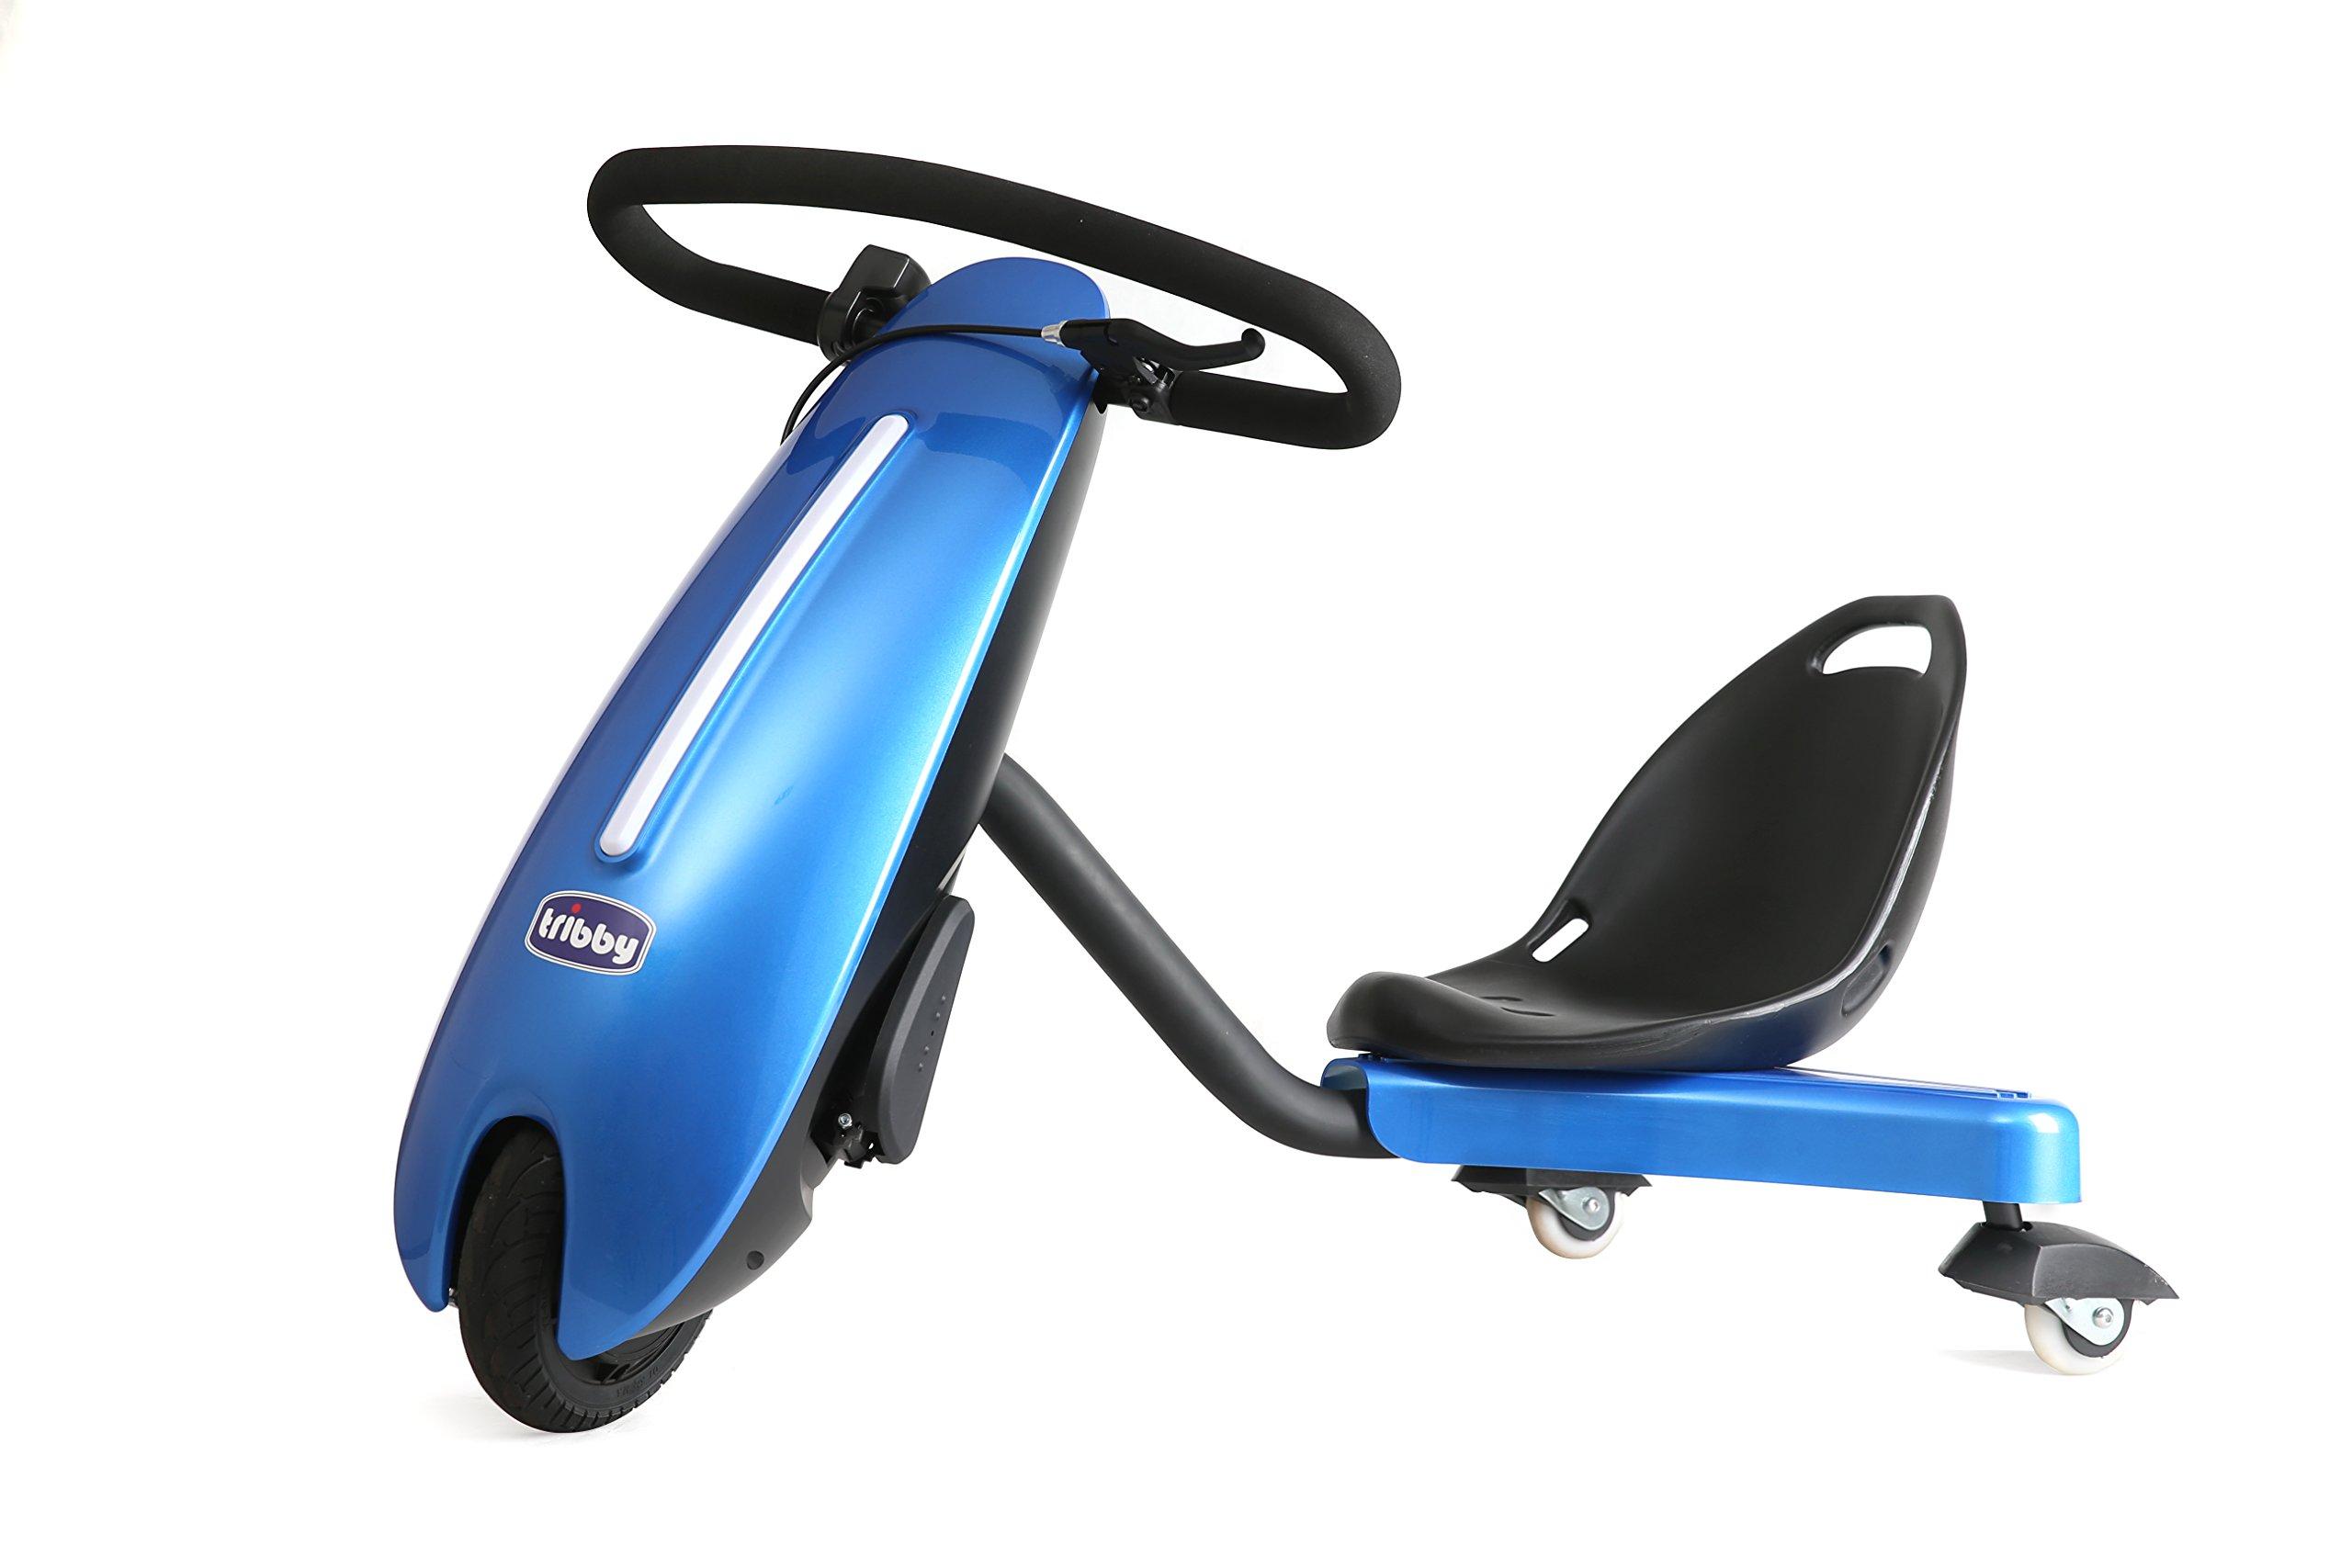 tribby Drift Trike For Kids, Blue